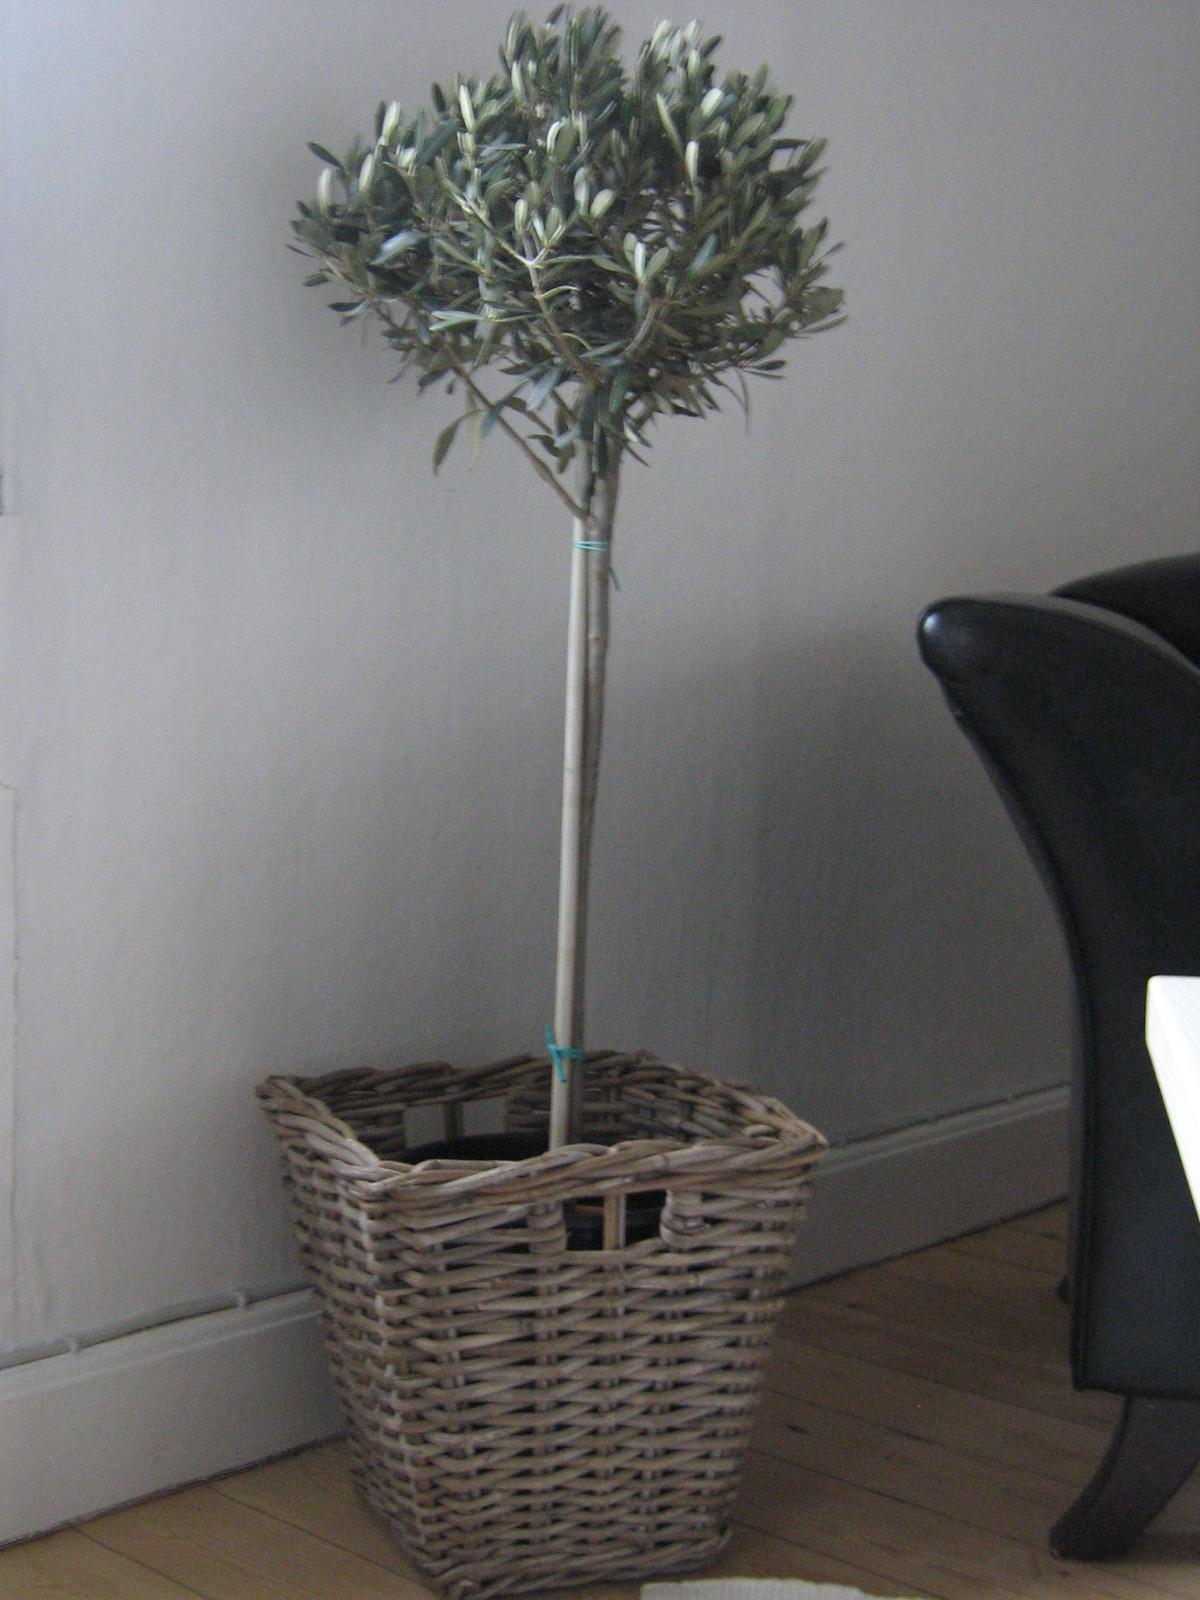 hvordan passer man et oliventræ indendørs